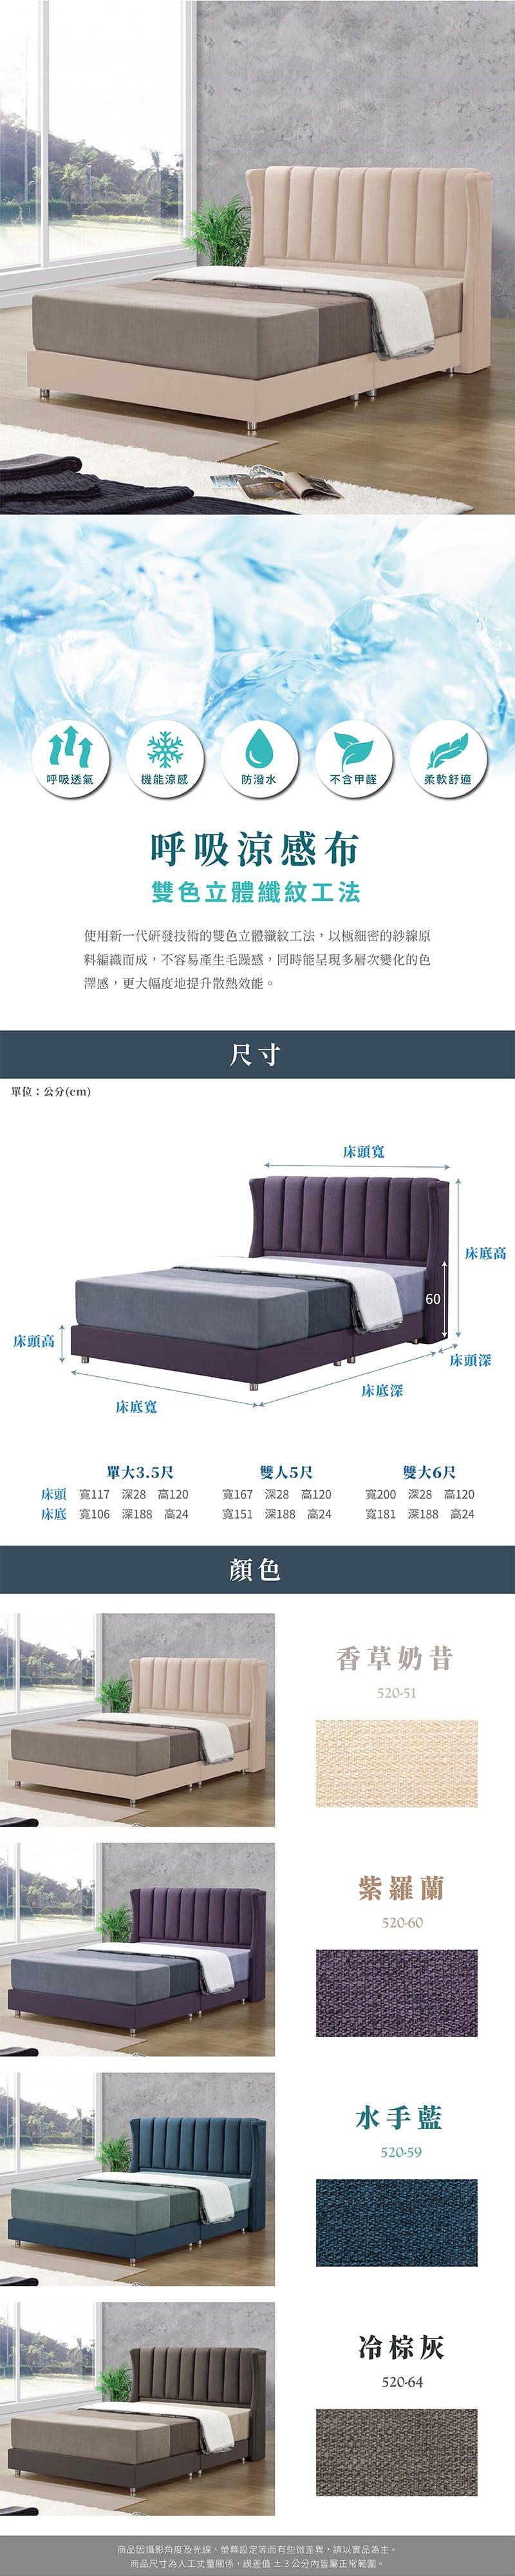 羅賓 涼感布床組兩件 單人加大3.5尺(床頭片+床底)